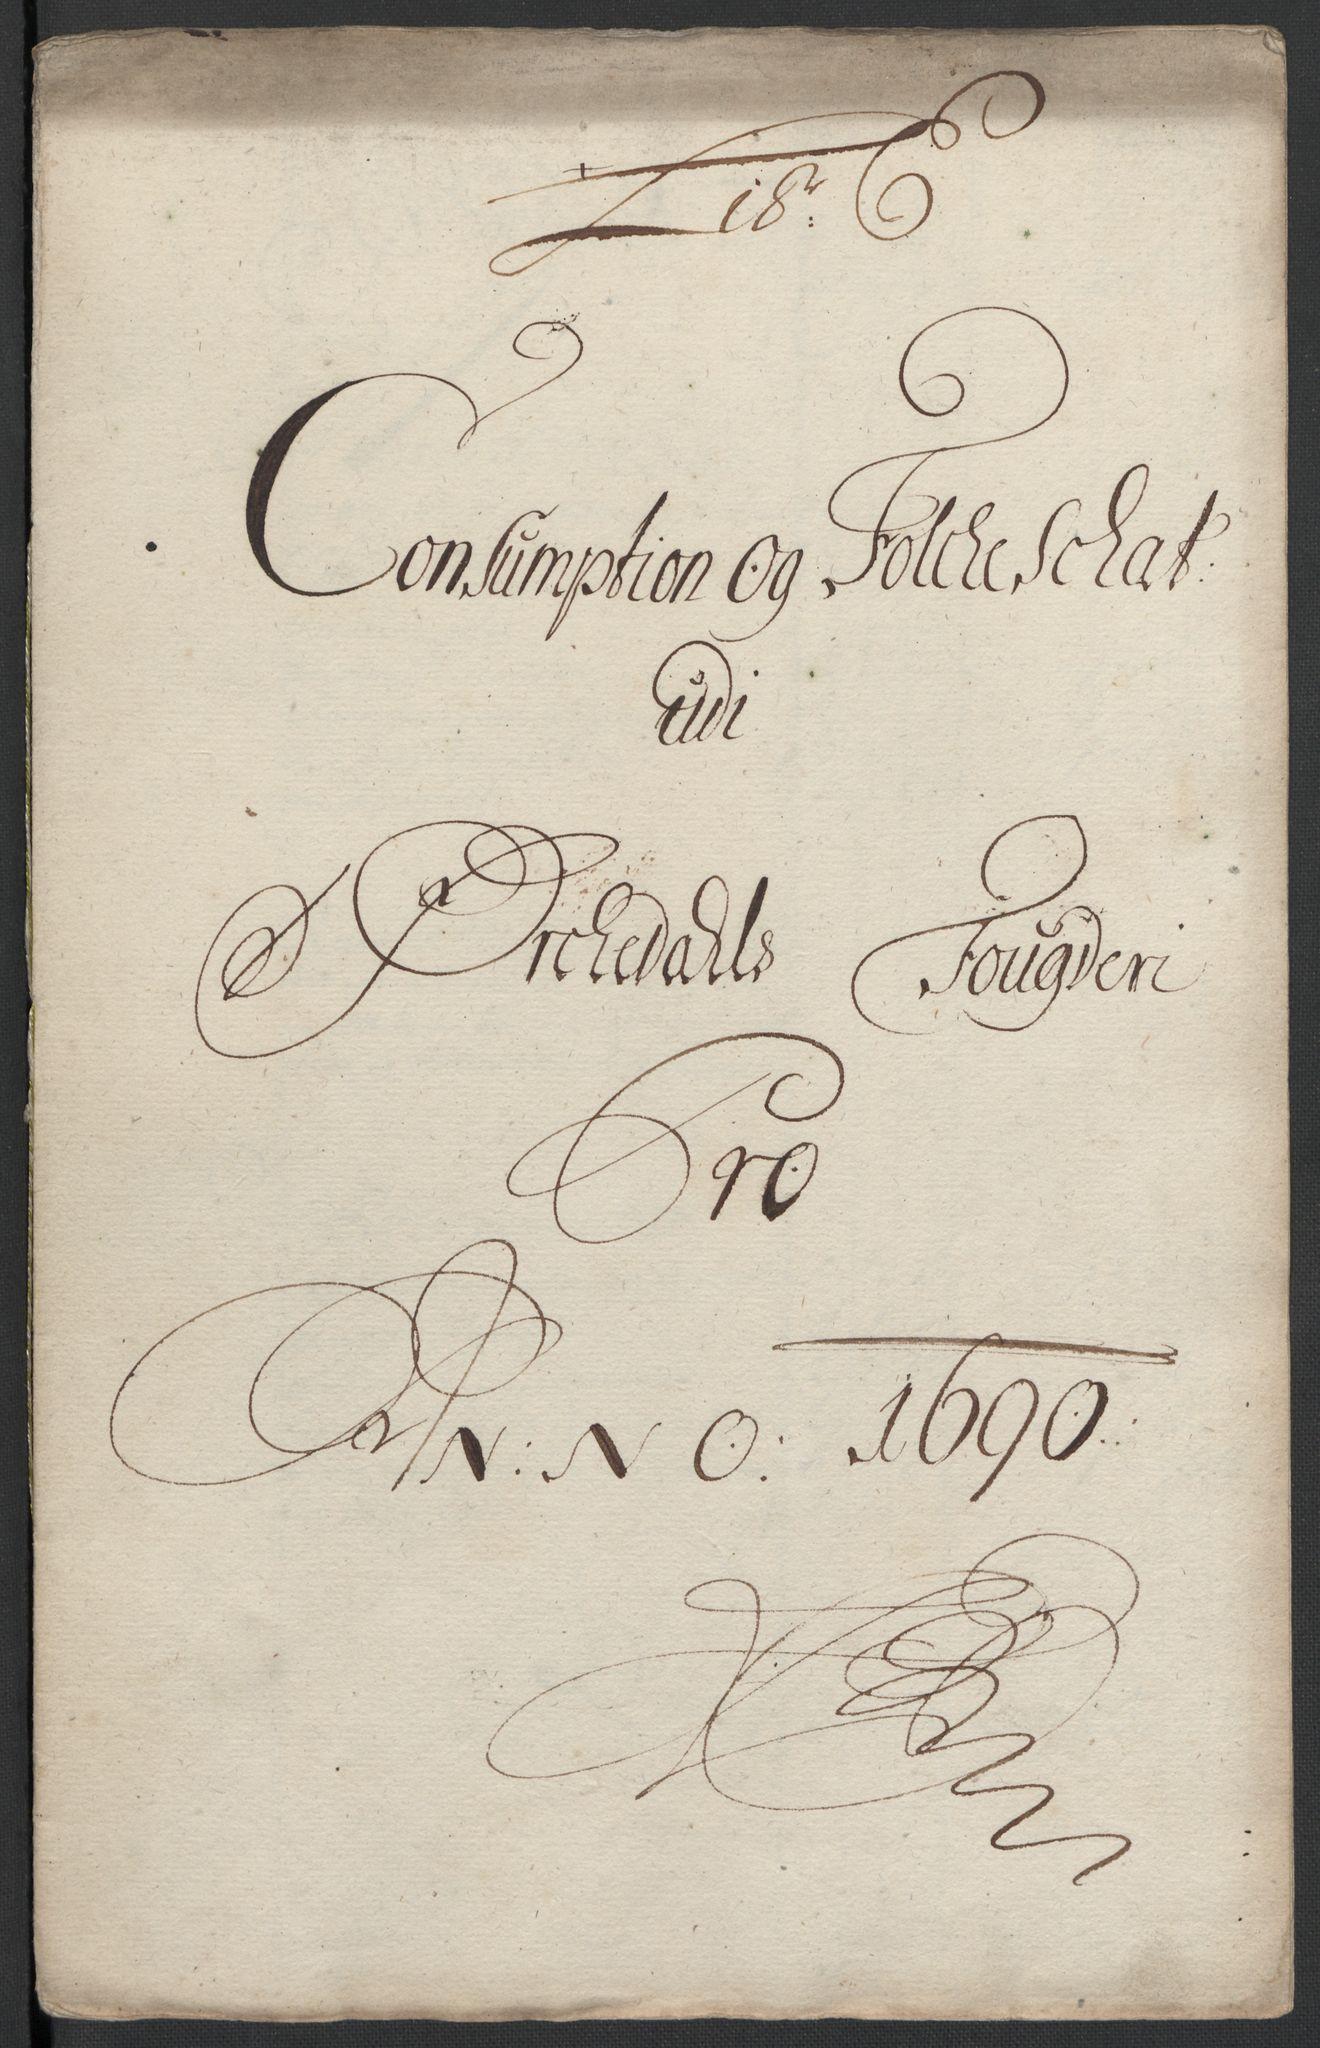 RA, Rentekammeret inntil 1814, Reviderte regnskaper, Fogderegnskap, R58/L3936: Fogderegnskap Orkdal, 1689-1690, s. 361